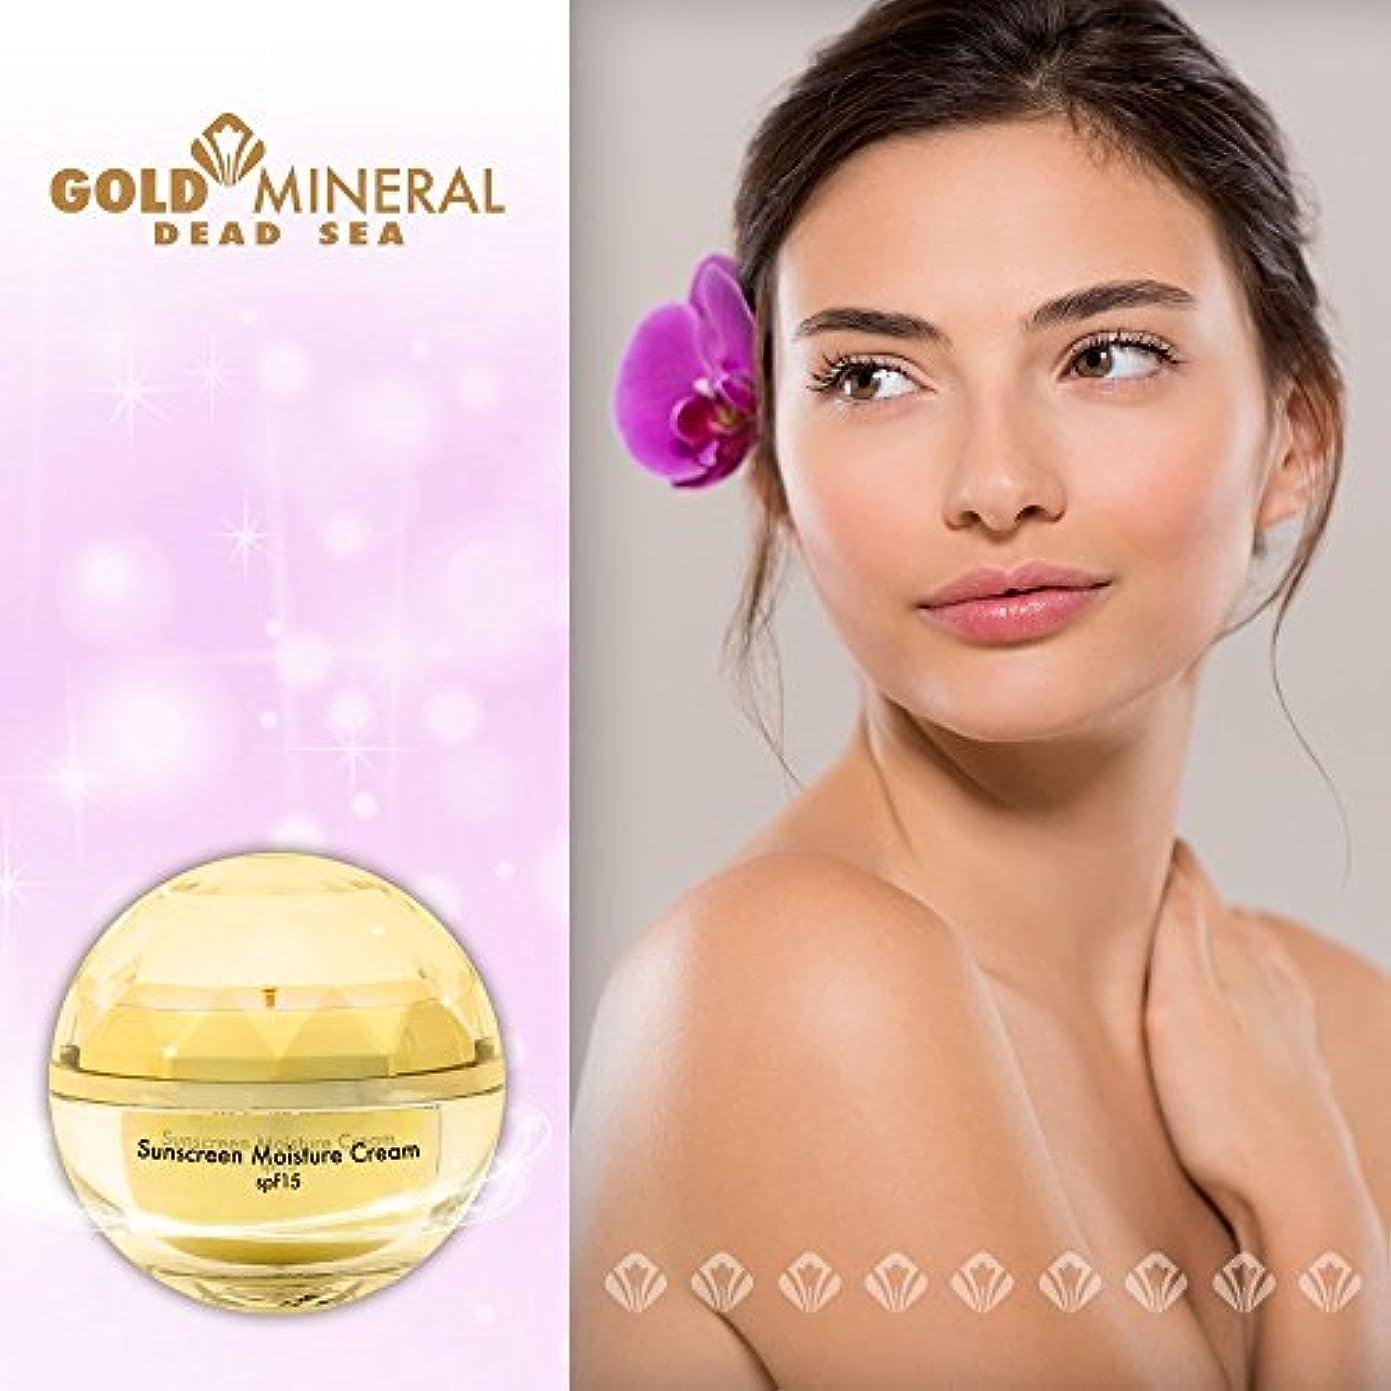 種写真を描く人事日焼け止め保湿クリーム SPF 15 Sunscreen Moisture Cream